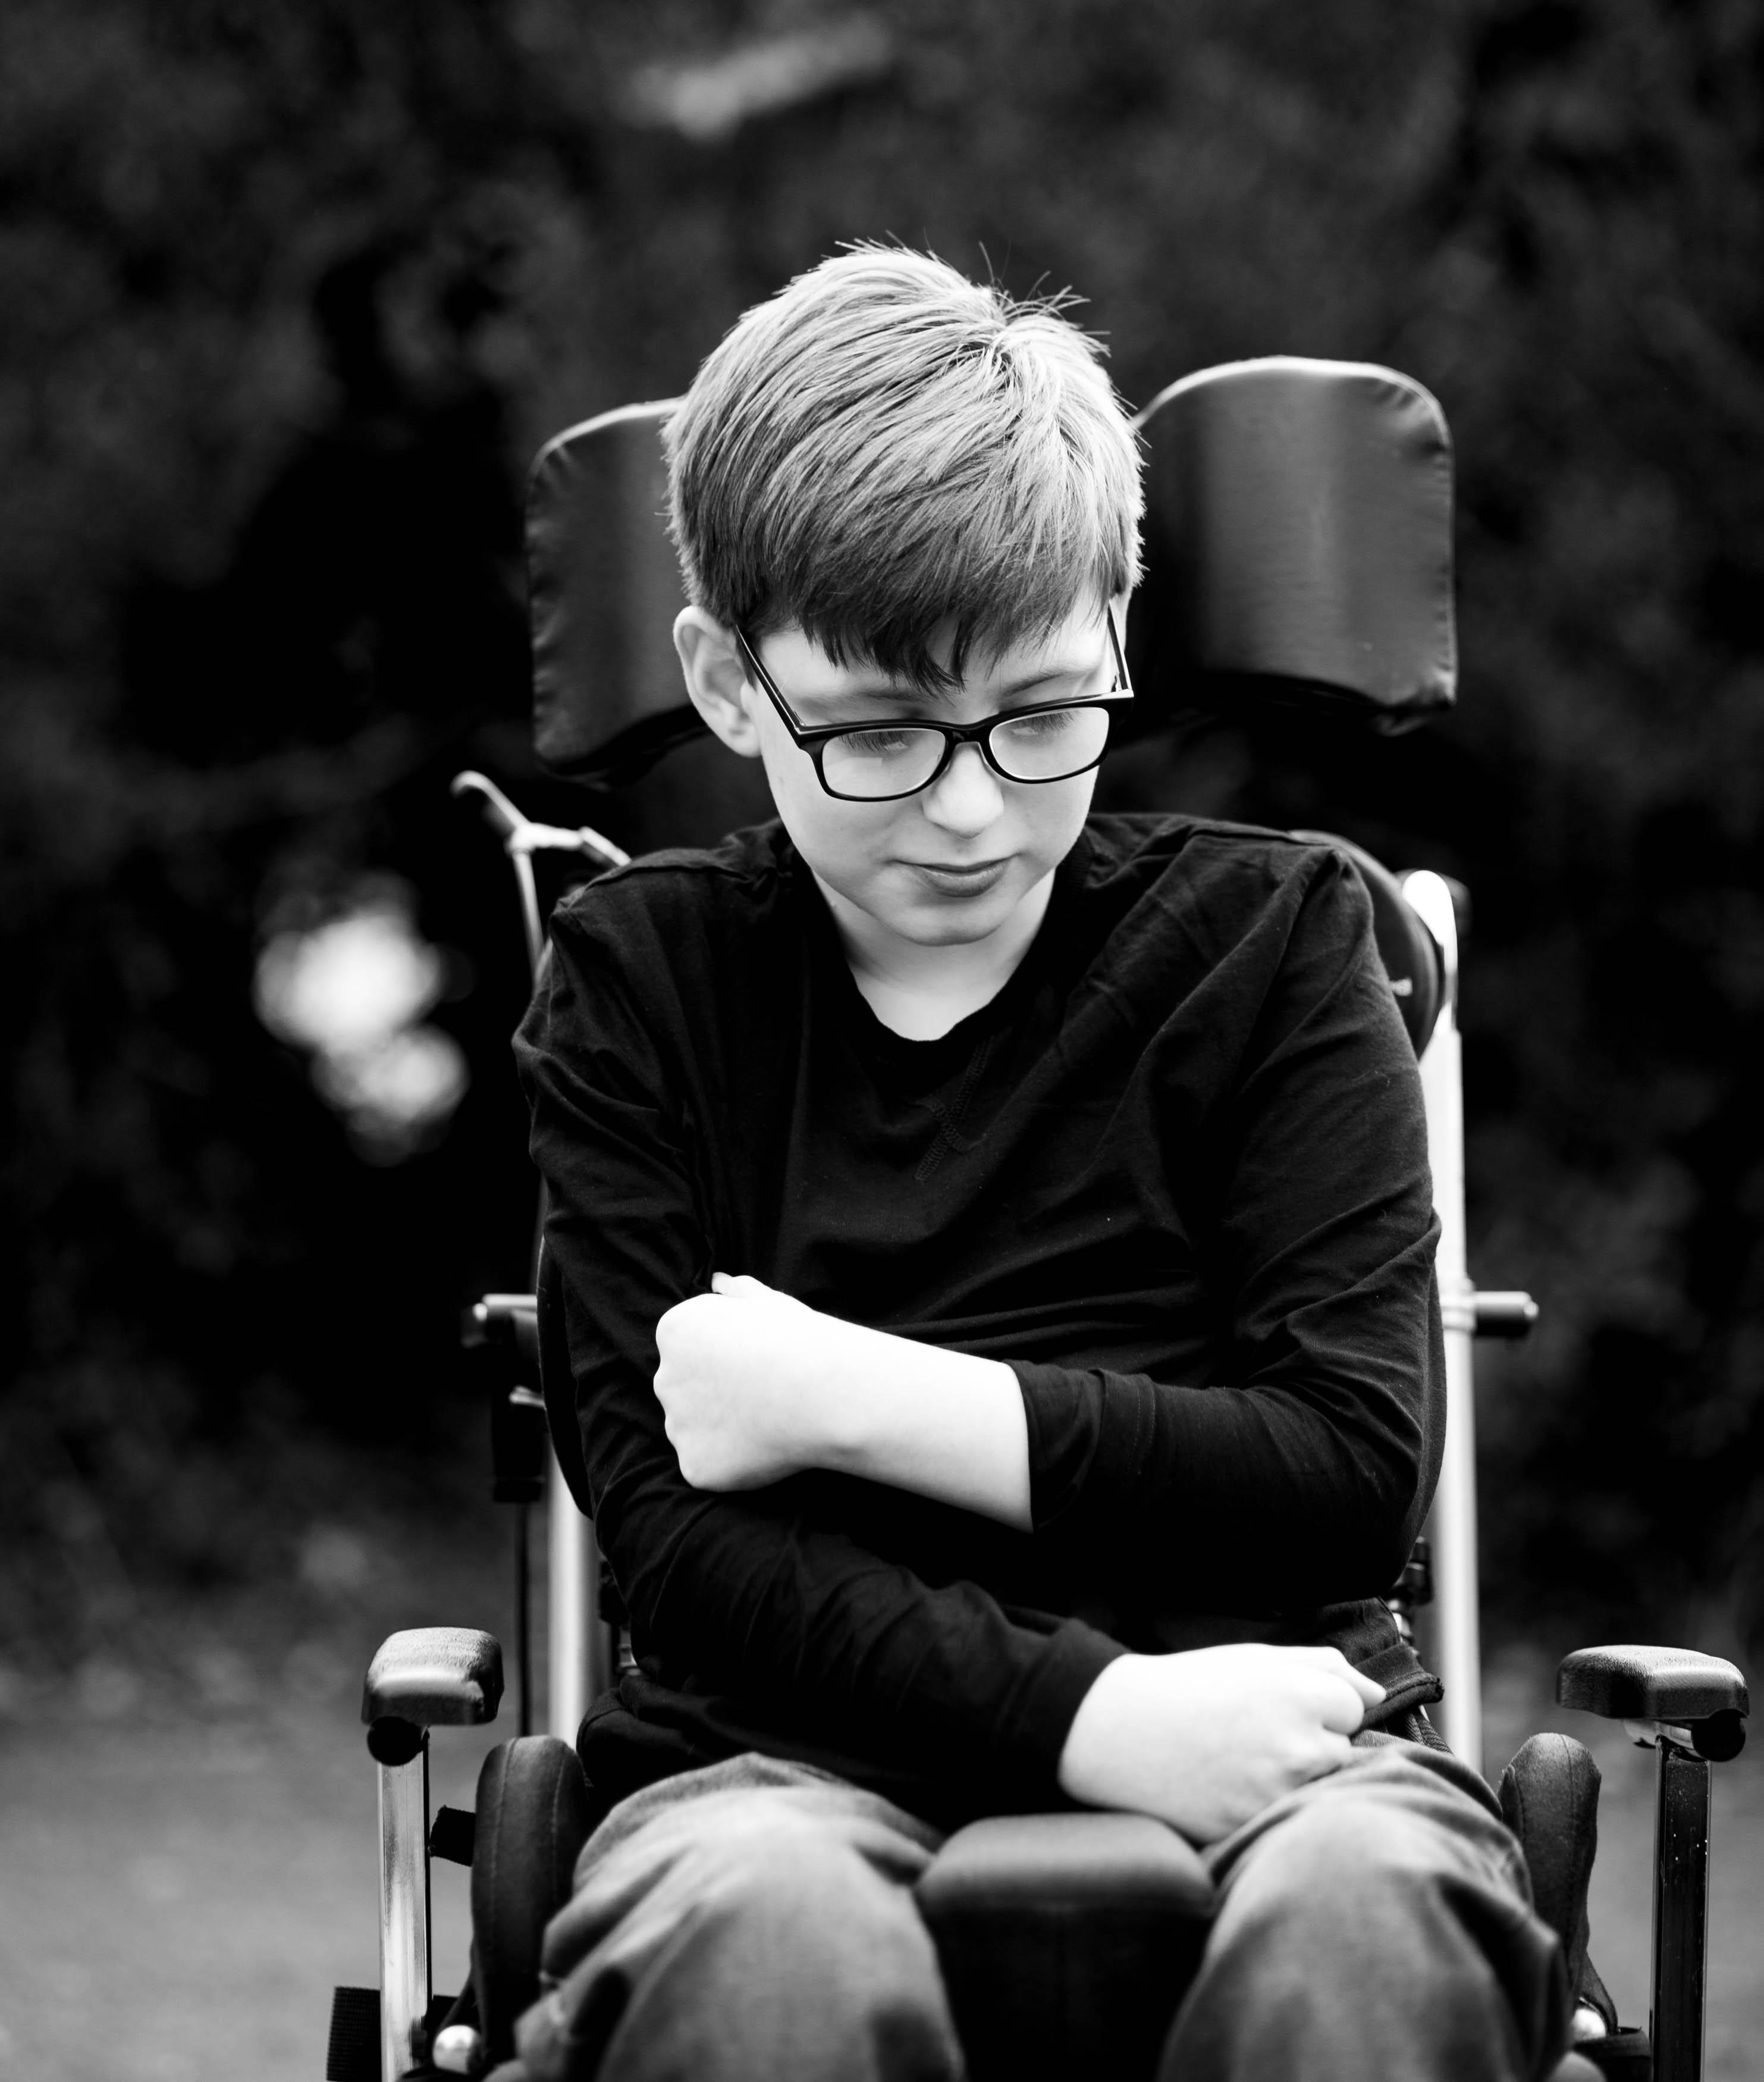 Mylor, Zebedee Management, disabled, mod